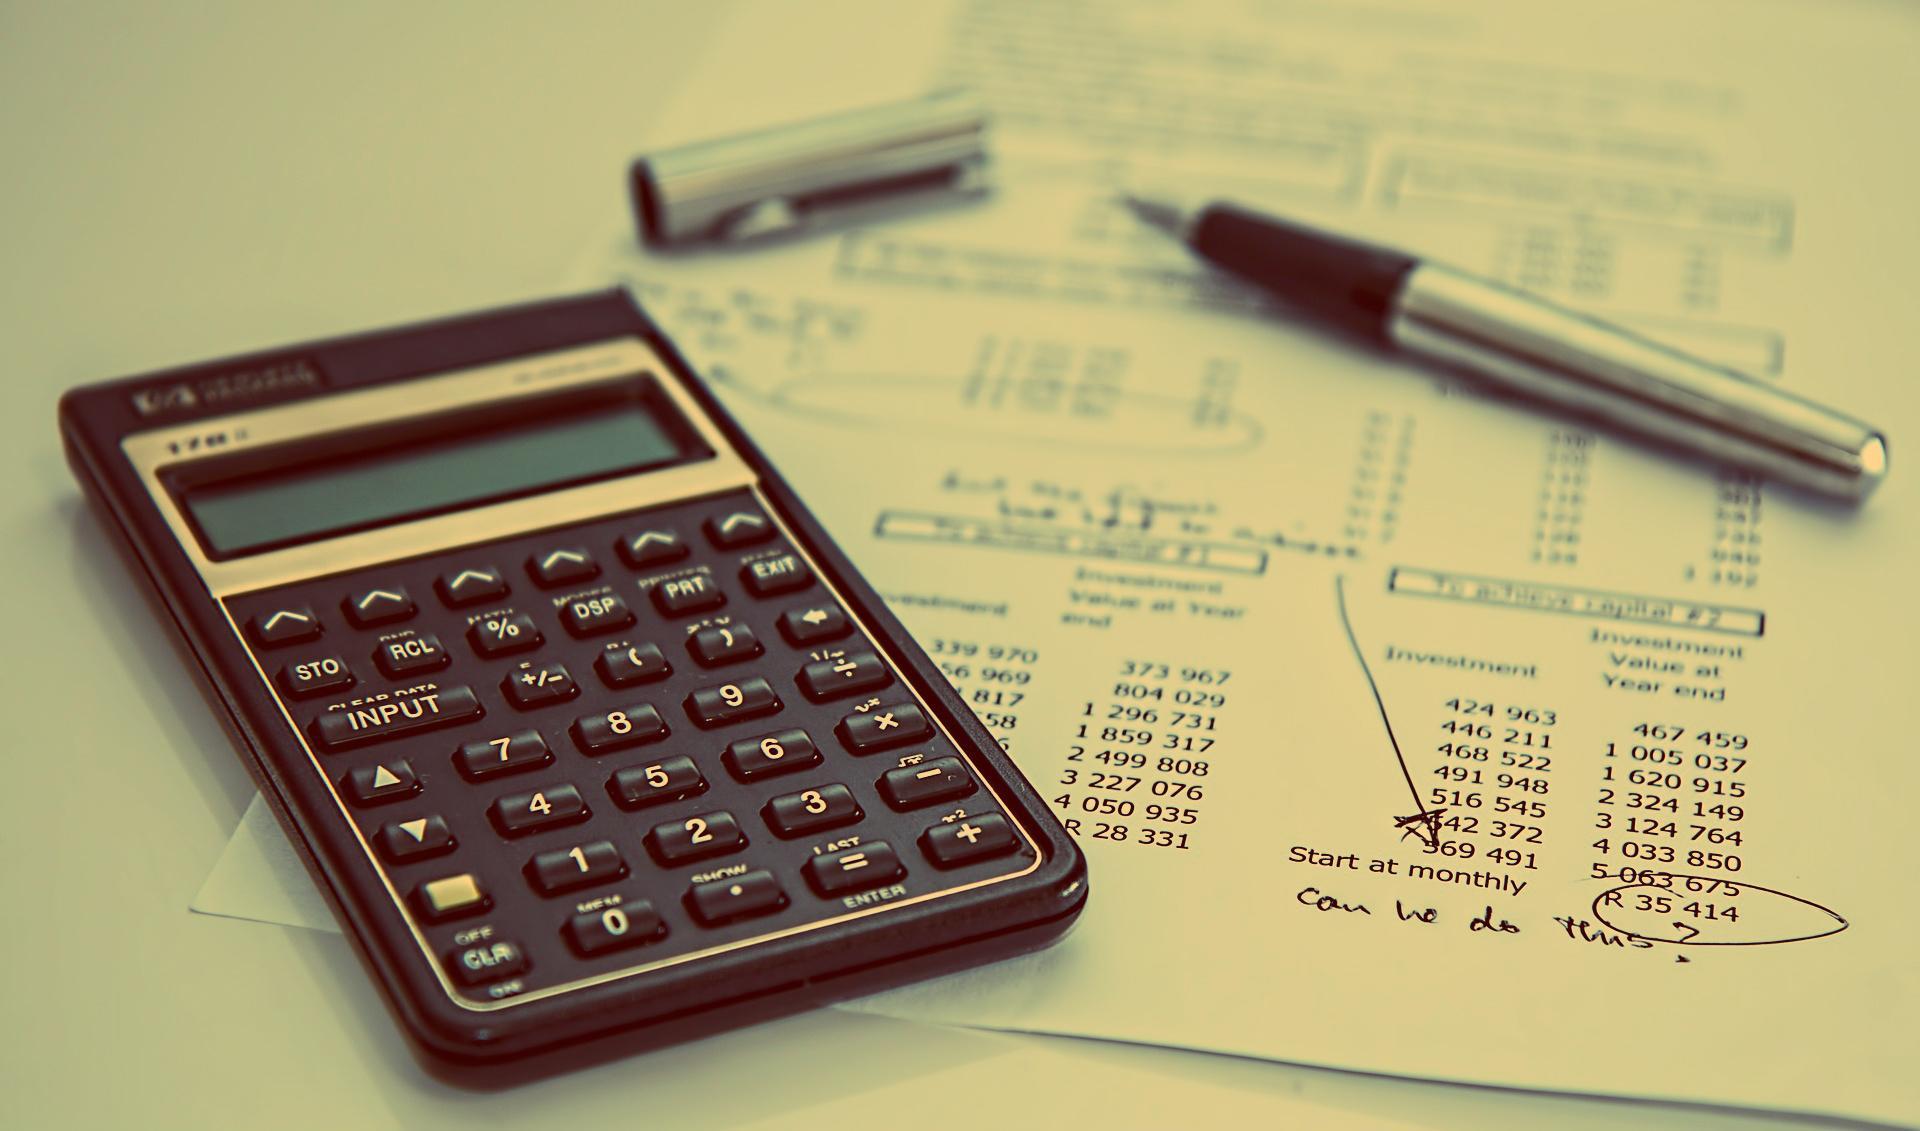 Види податкових перевірок та їх характеристика